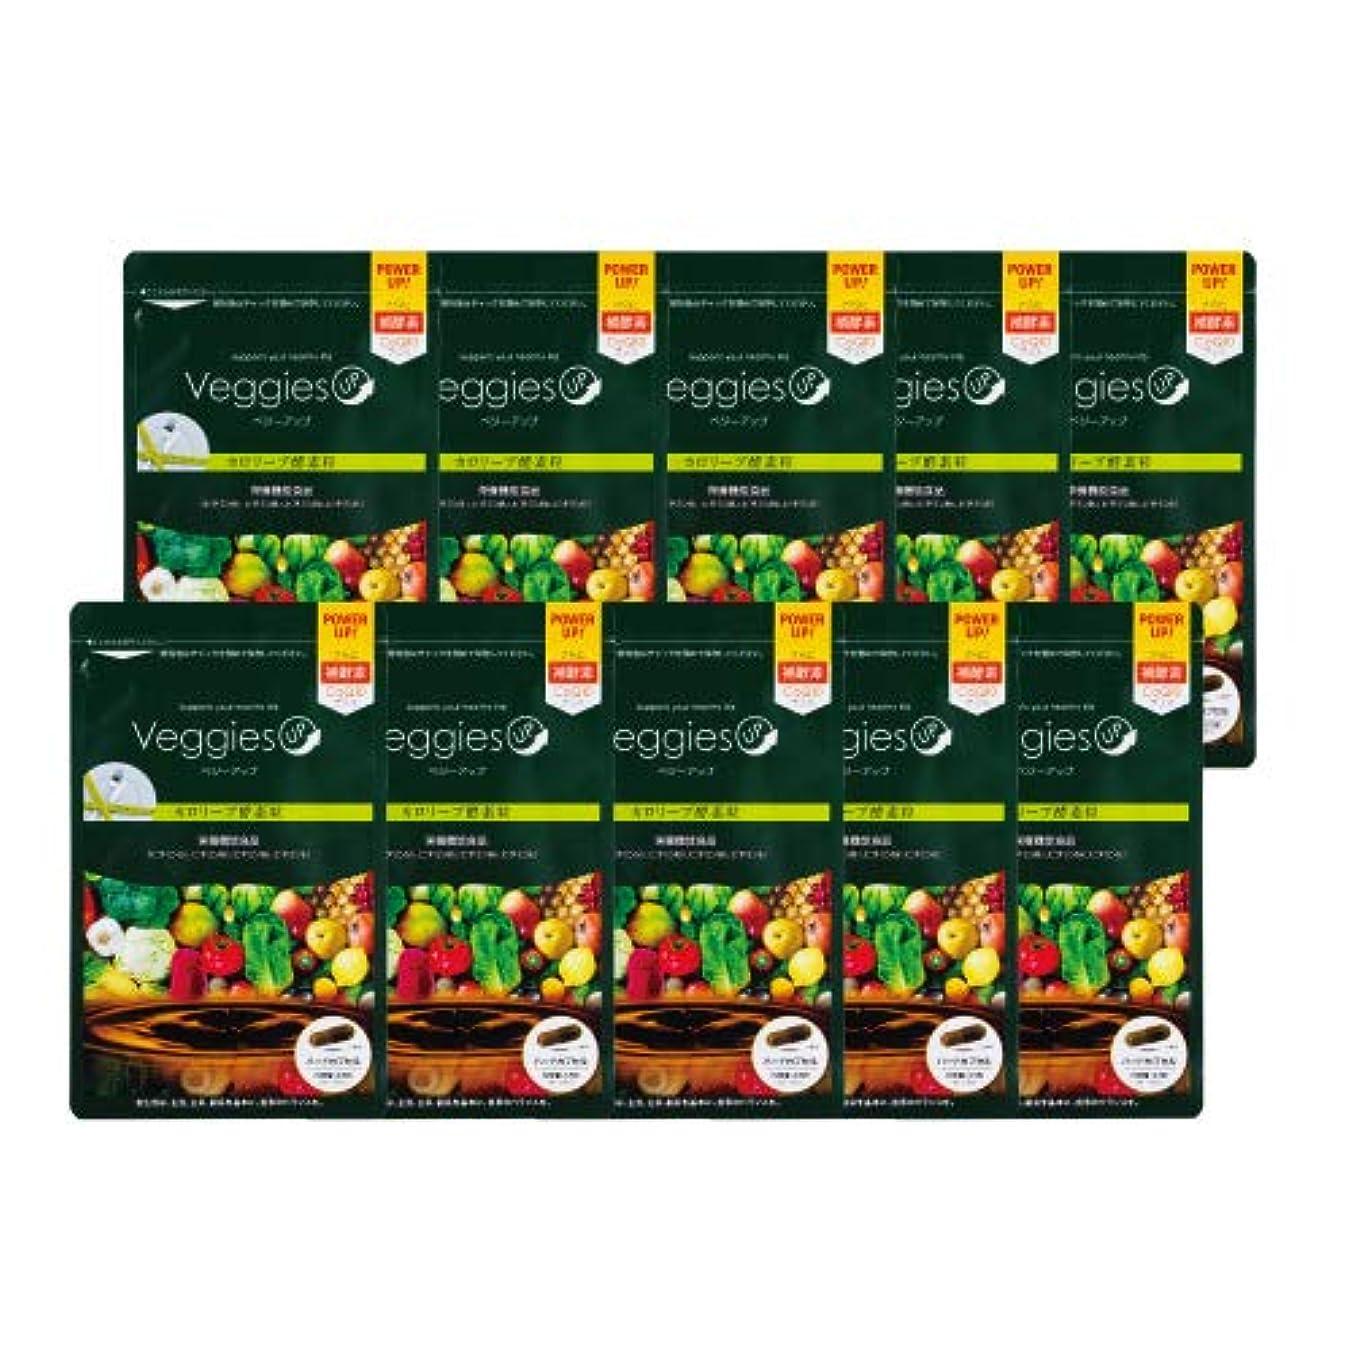 メキシコワンダープレゼンテーションベジーアップ酵素粒カロリーブ 93粒 10袋セット ダイエット 酵素サプリ 酵素ダイエット サラシア コエンザイムQ10 竹炭